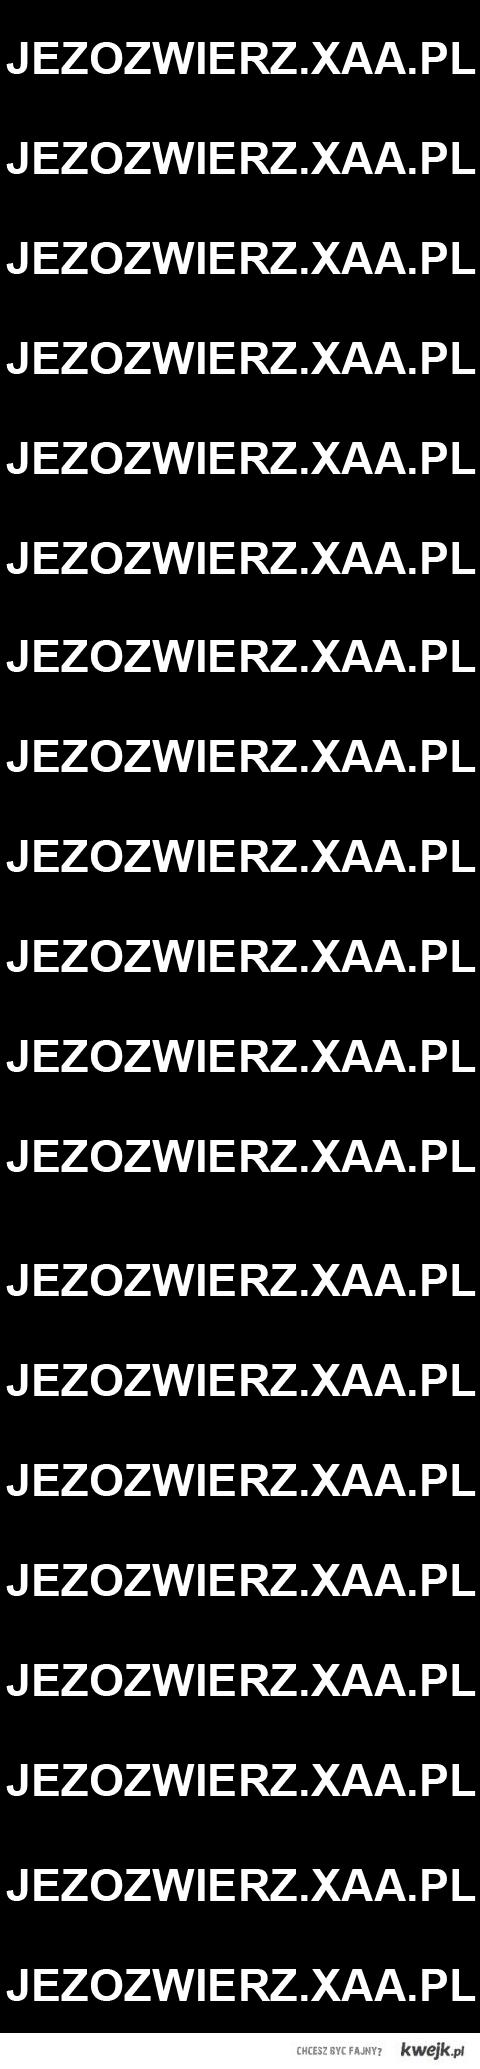 Jezozwierz.xaa.pl